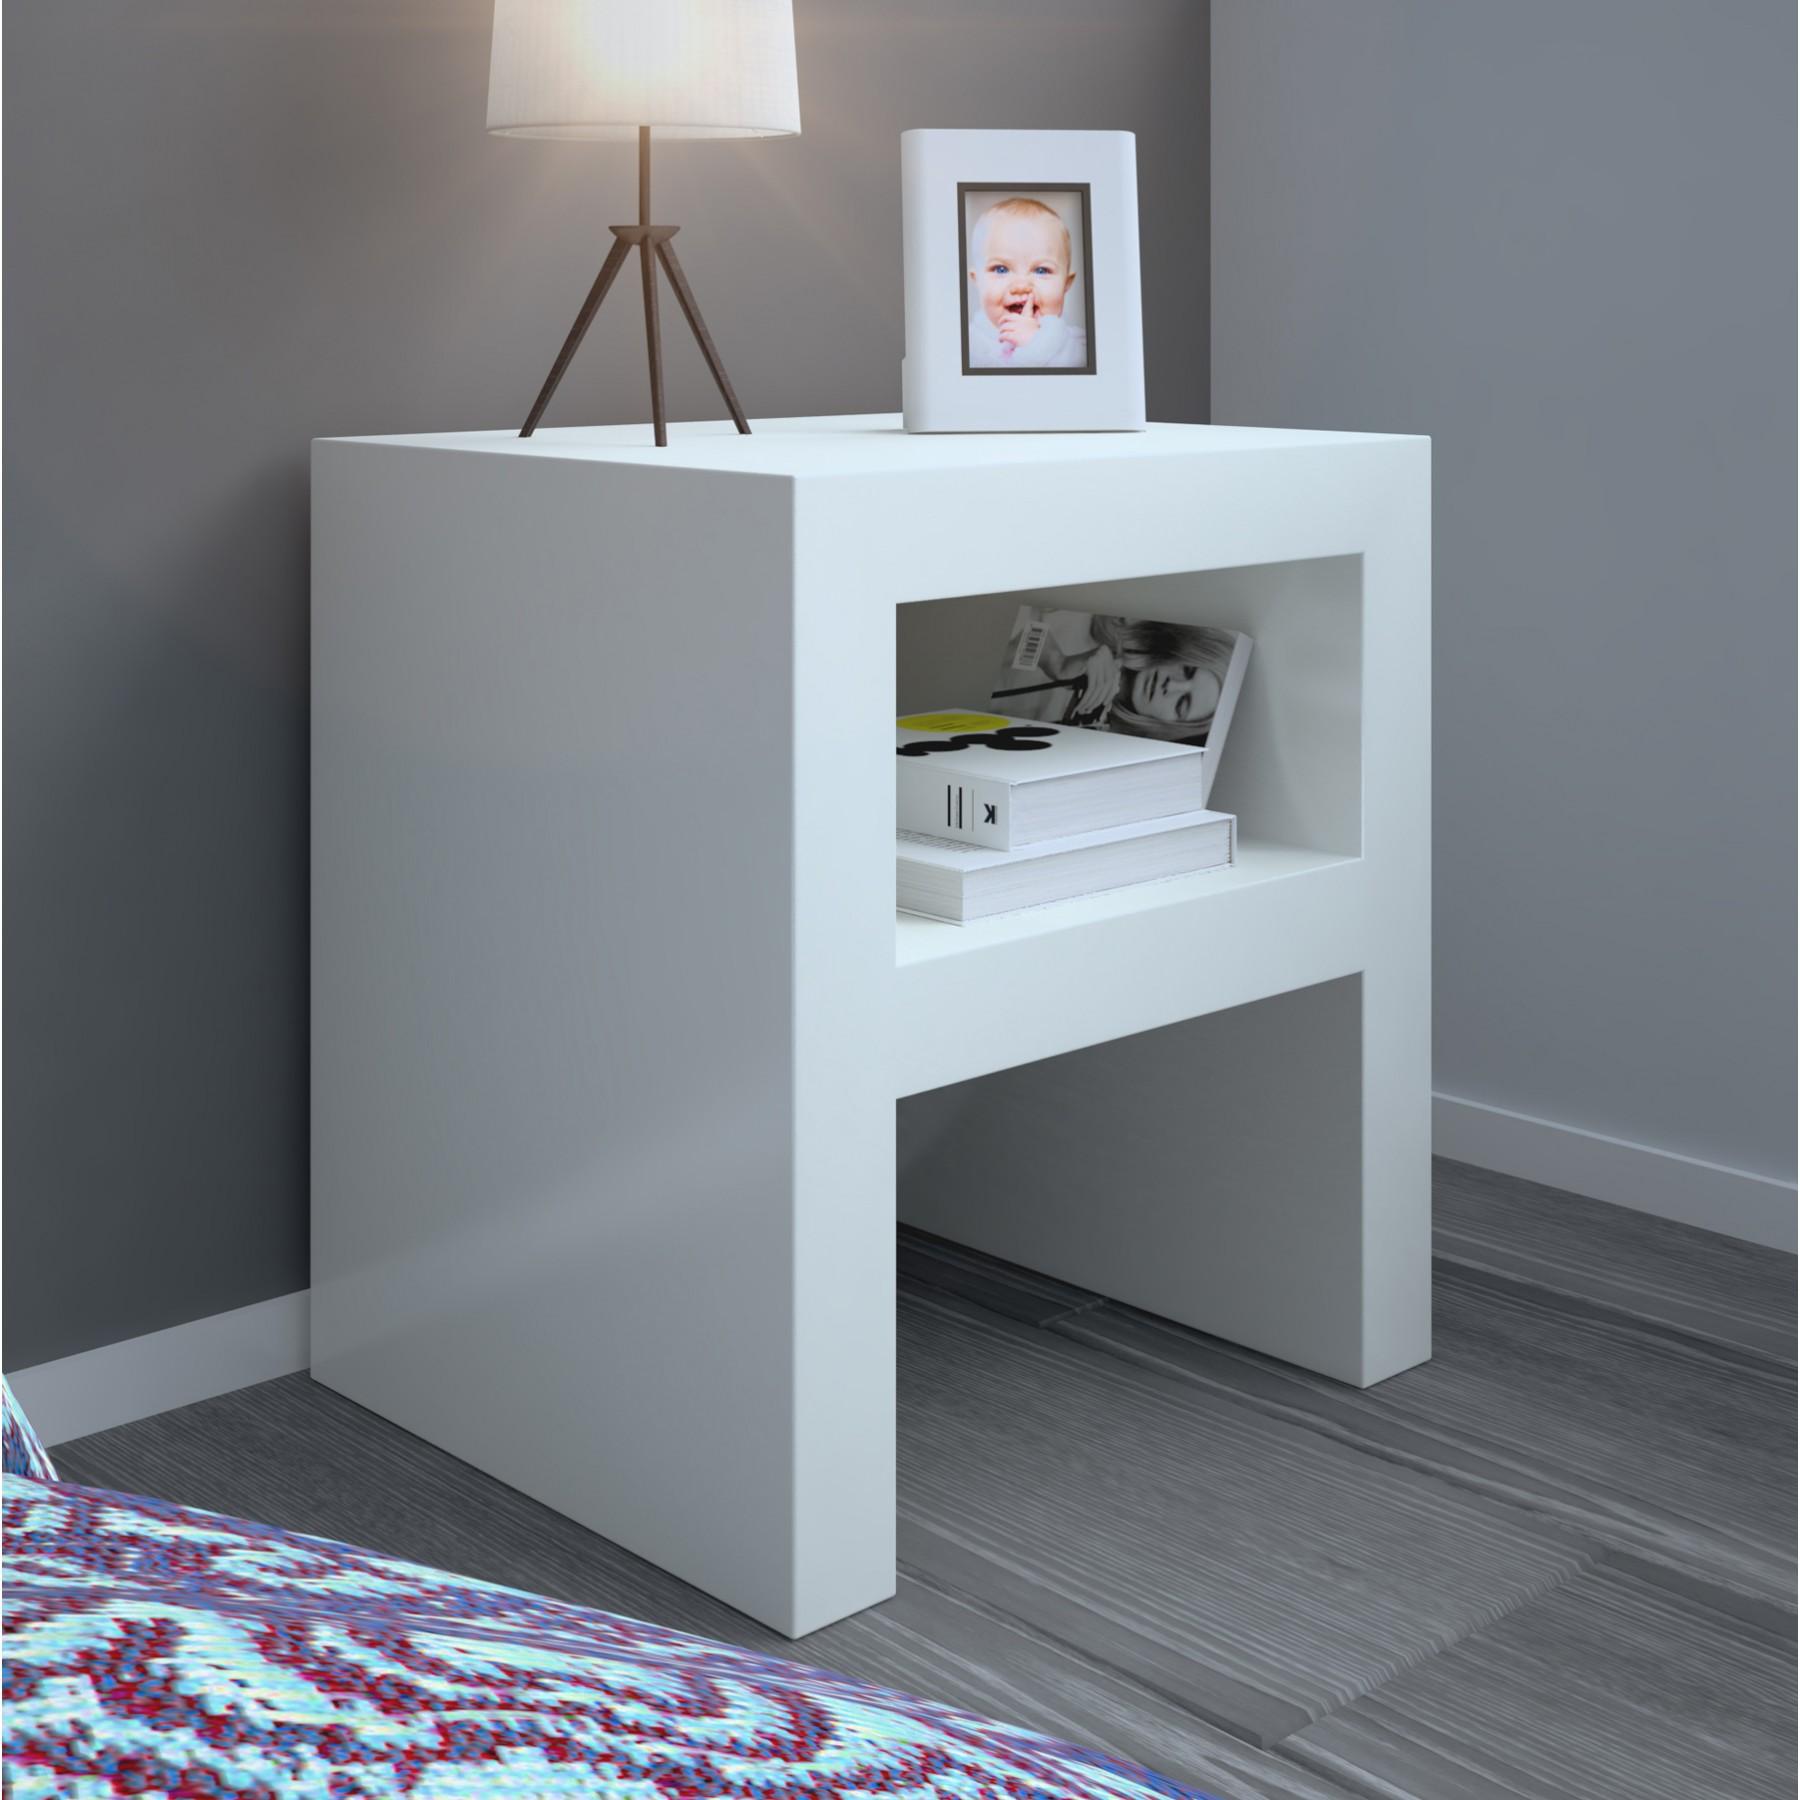 Mesa de noche minimalista moderna lacada blanca de dise o for Mesitas noche modernas